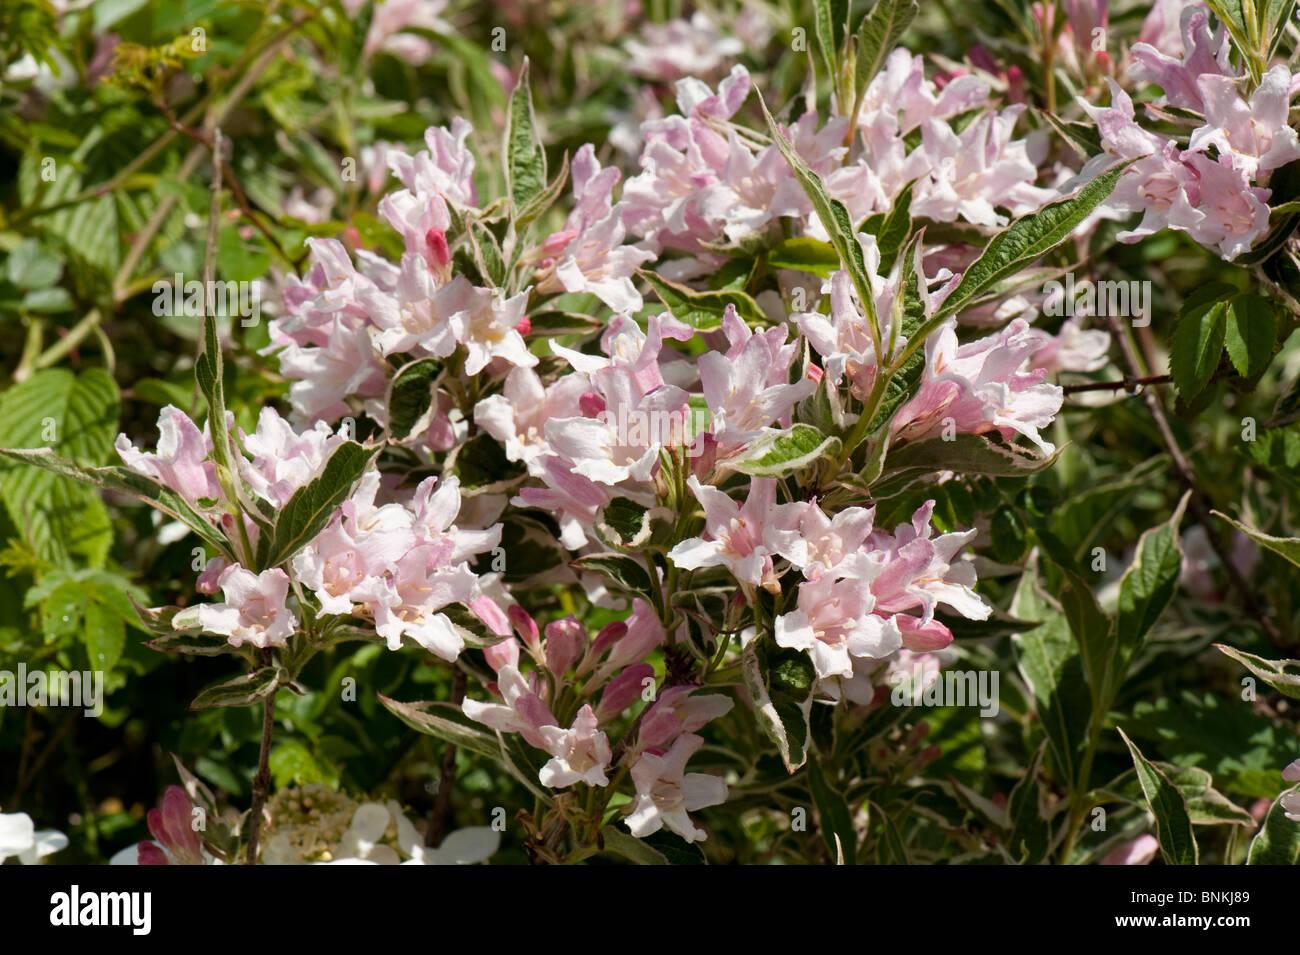 Weigela florida variegata flowering garden shrub - Stock Image